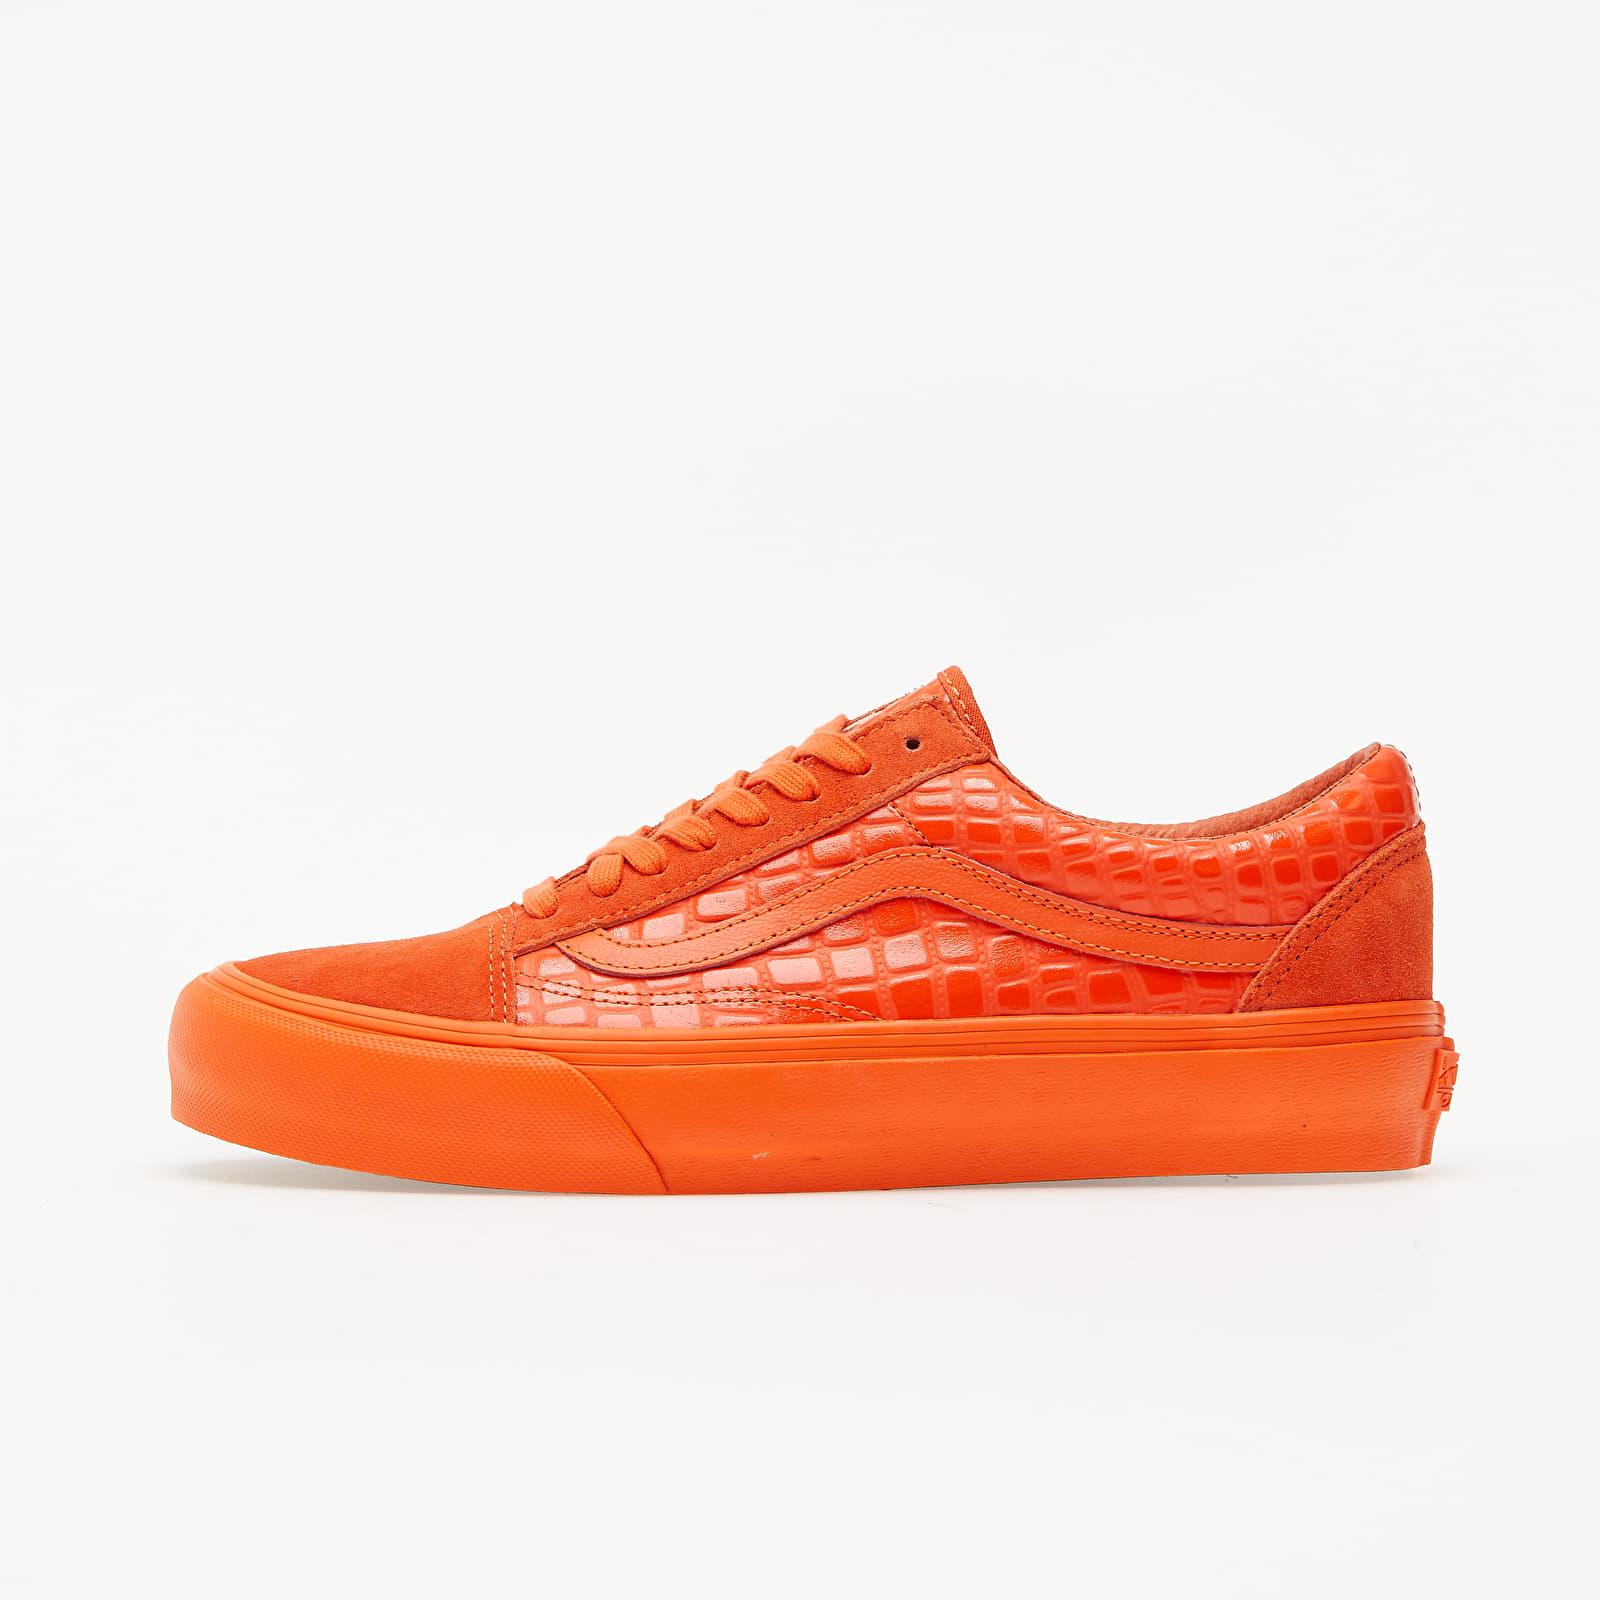 Chaussures et baskets homme Vans Old Skool VLT LX (Croc Skin) Fla